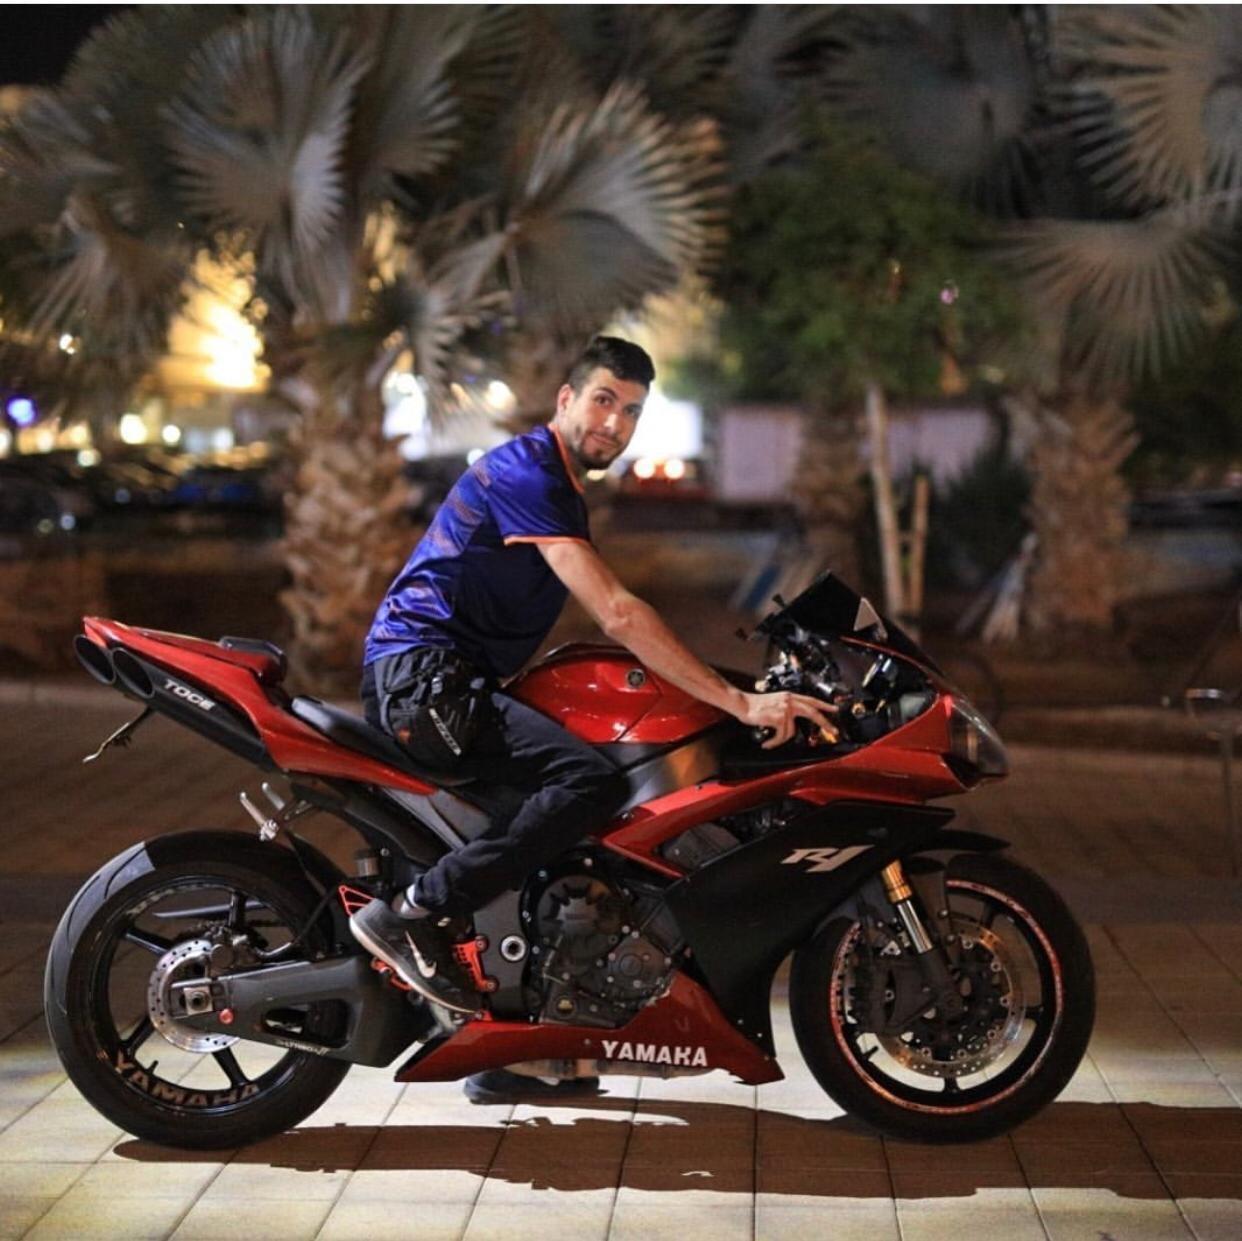 ام الفحم: ضحية حادثة الدراجة النارية هو محمد صبحي جبارين (25) عامًا